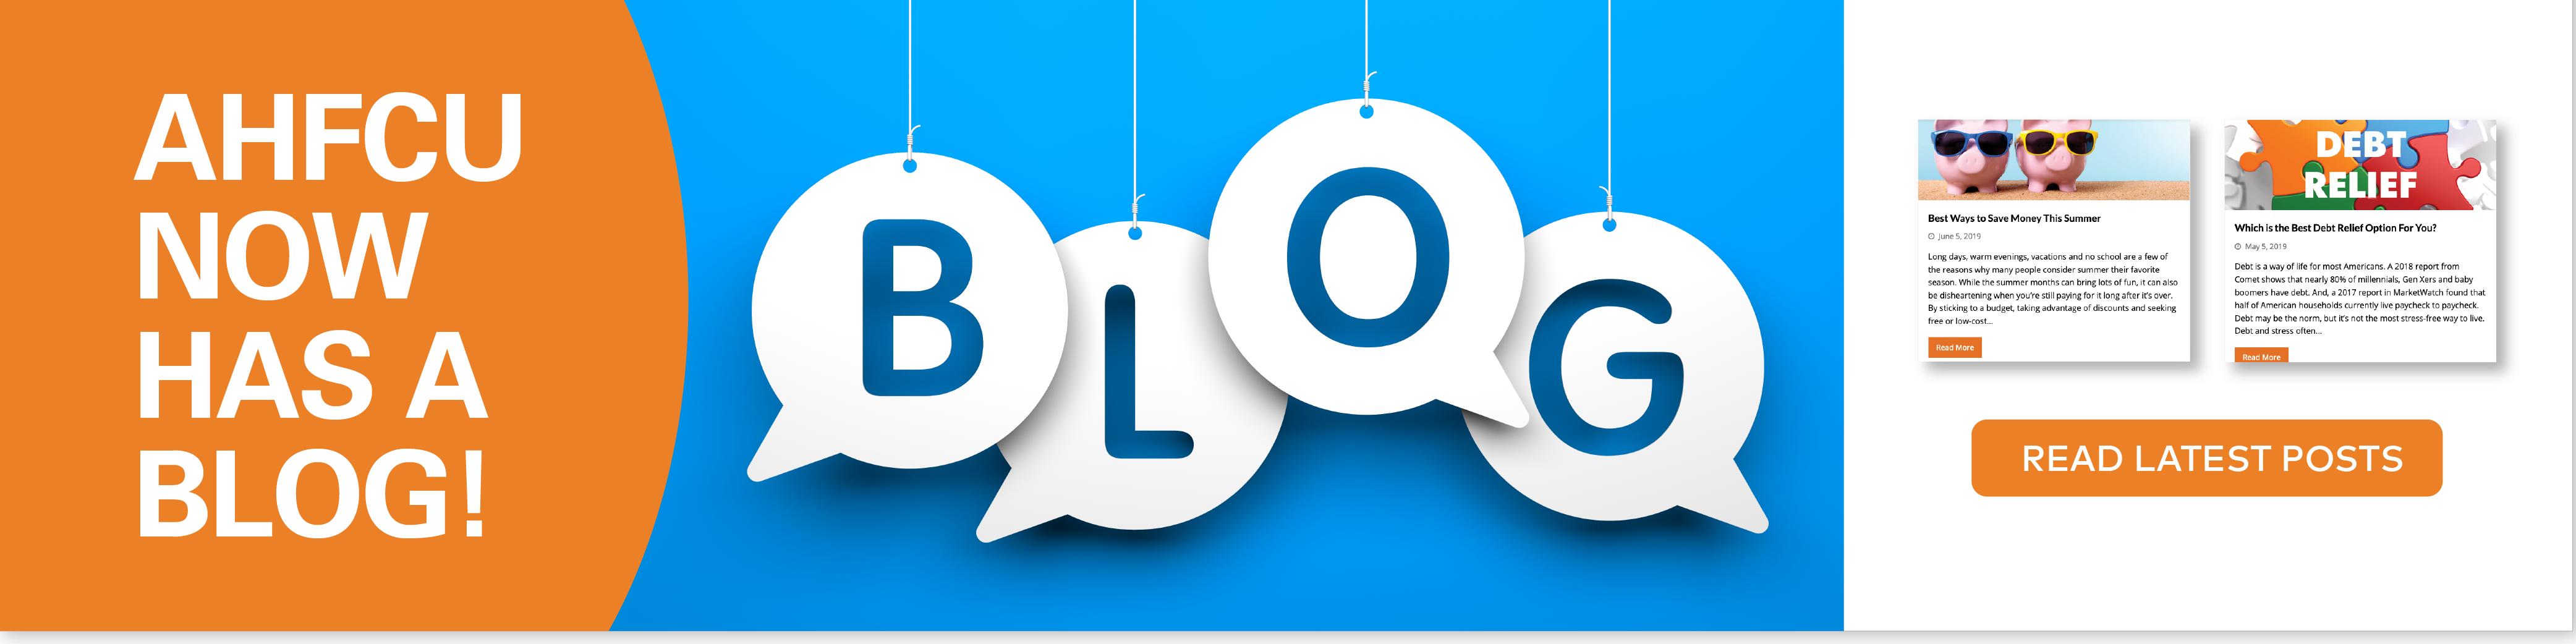 AHFCU blog